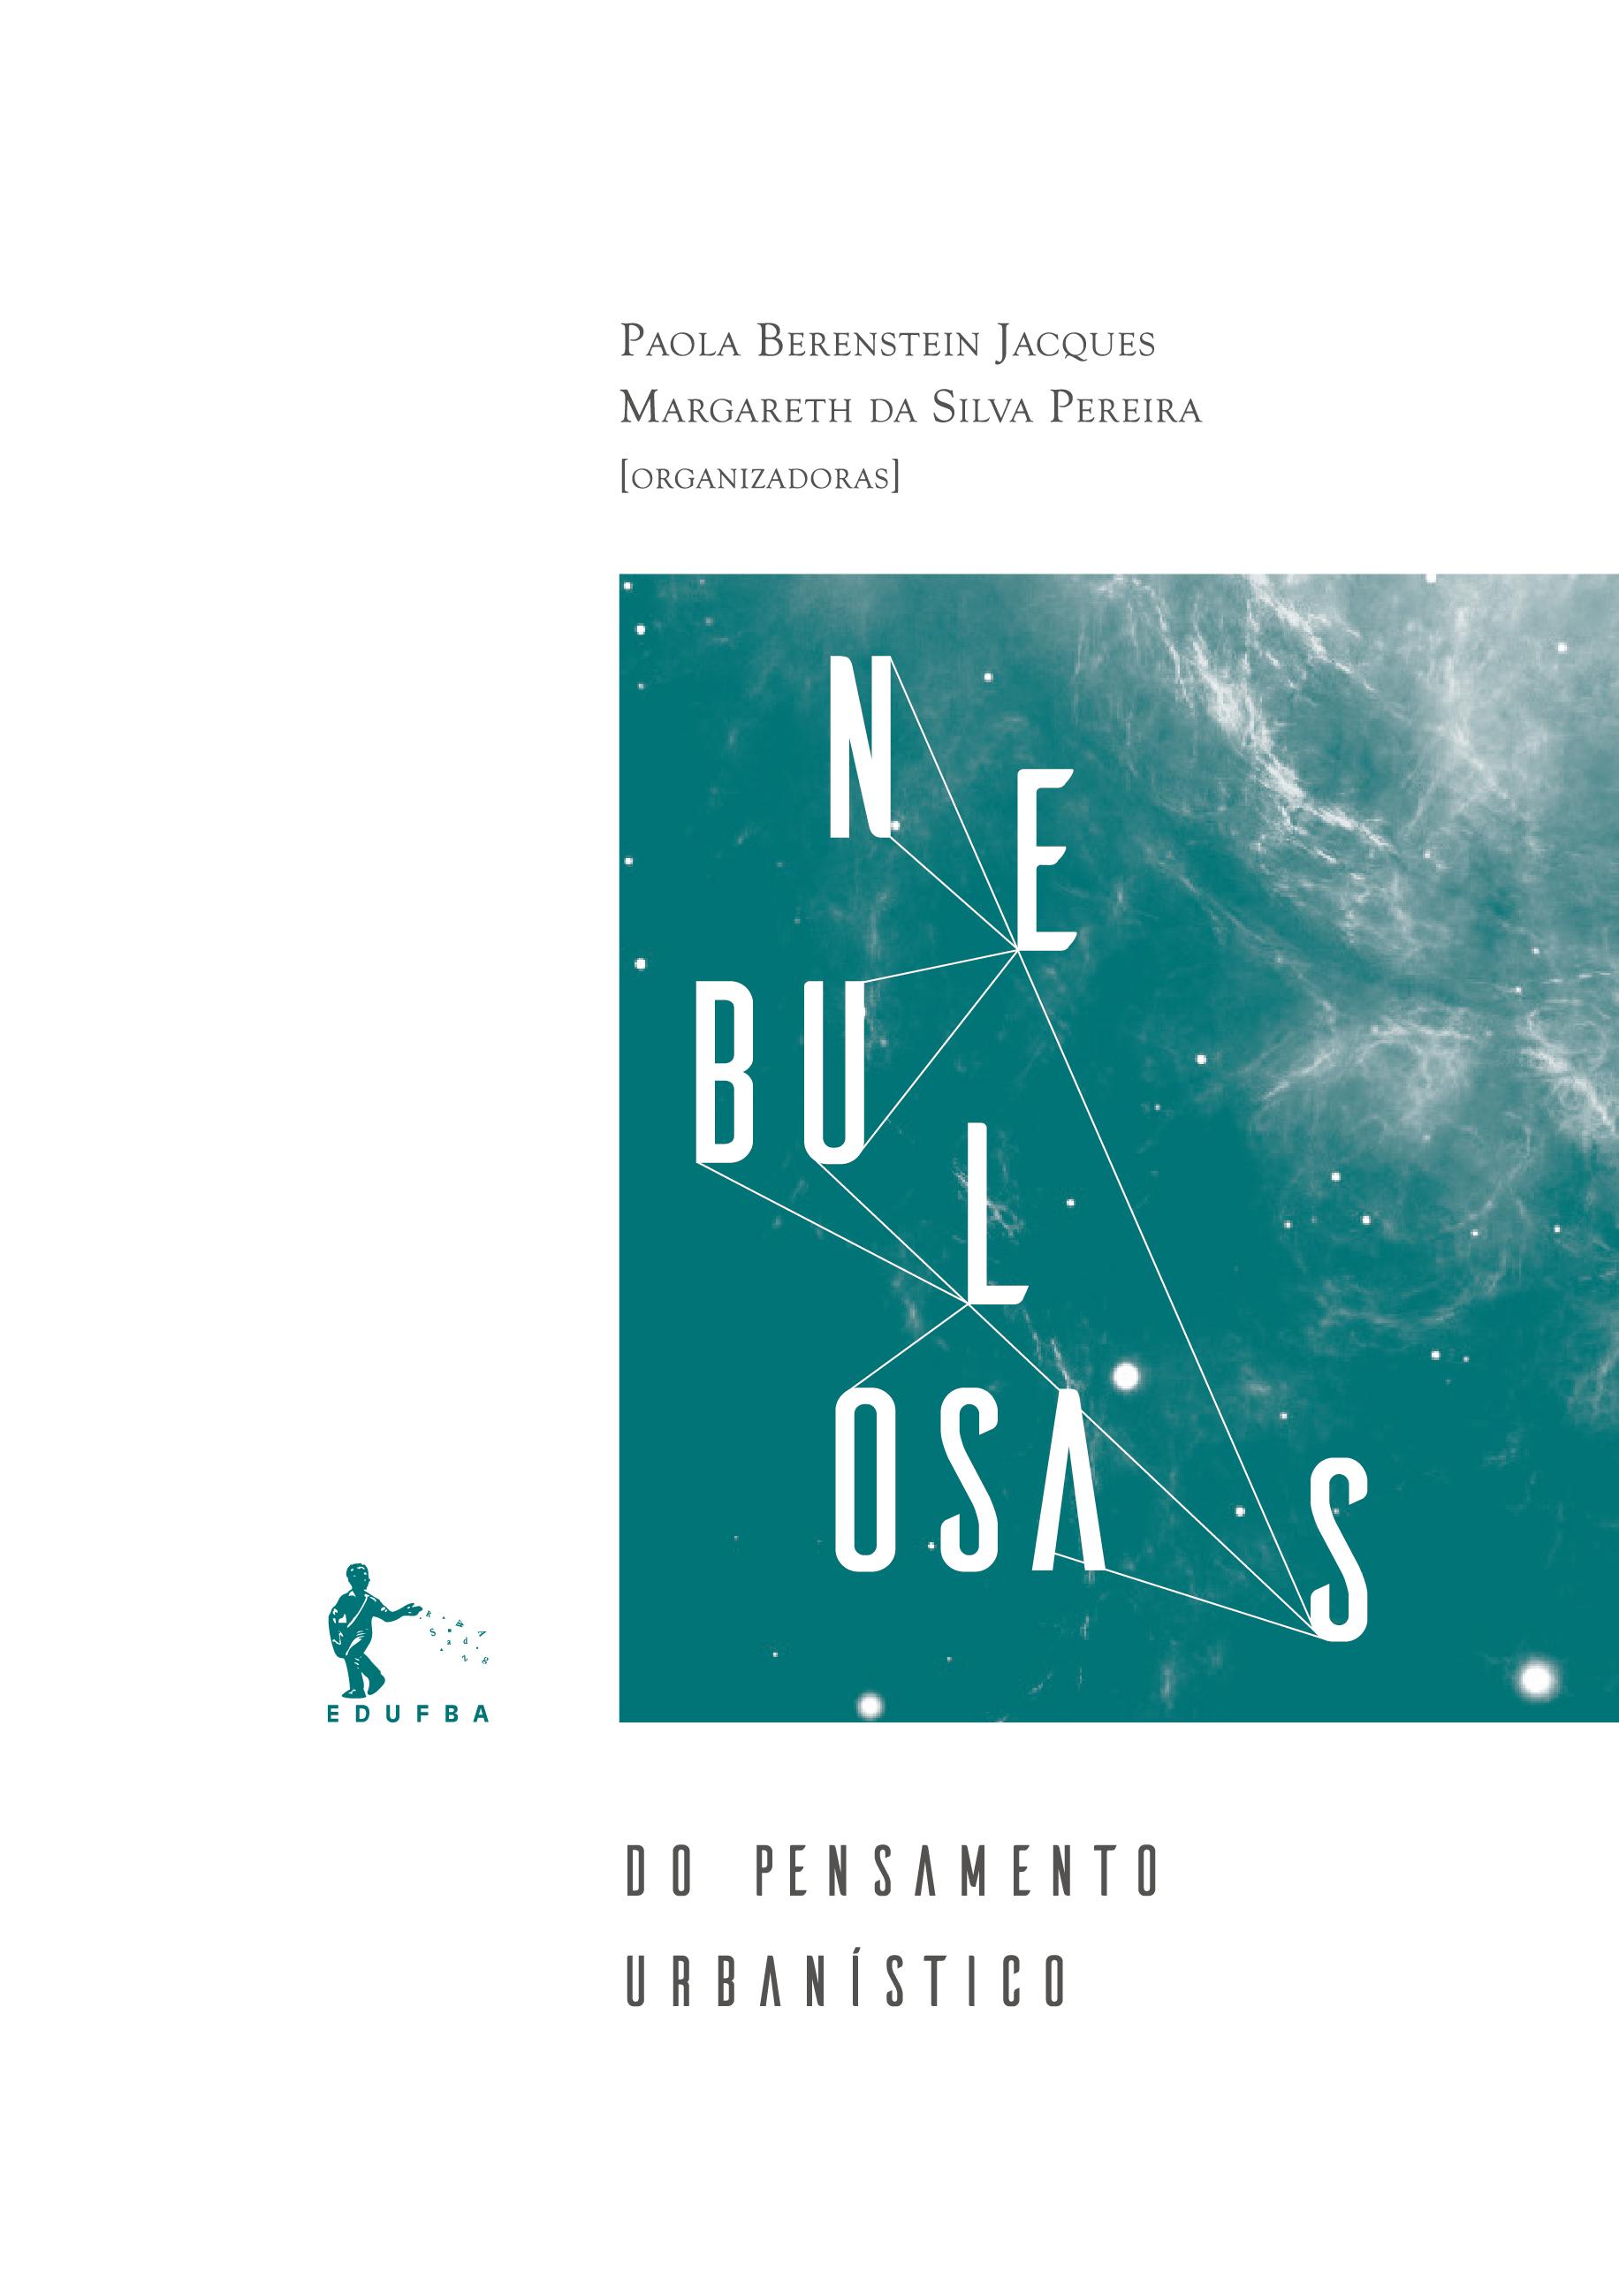 Nebulosas do pensamento urbanístico: Tomo I - Modos de pensar, livro de Paola Berenstein Jacques, Margareth da Silva Pereira (Org.)